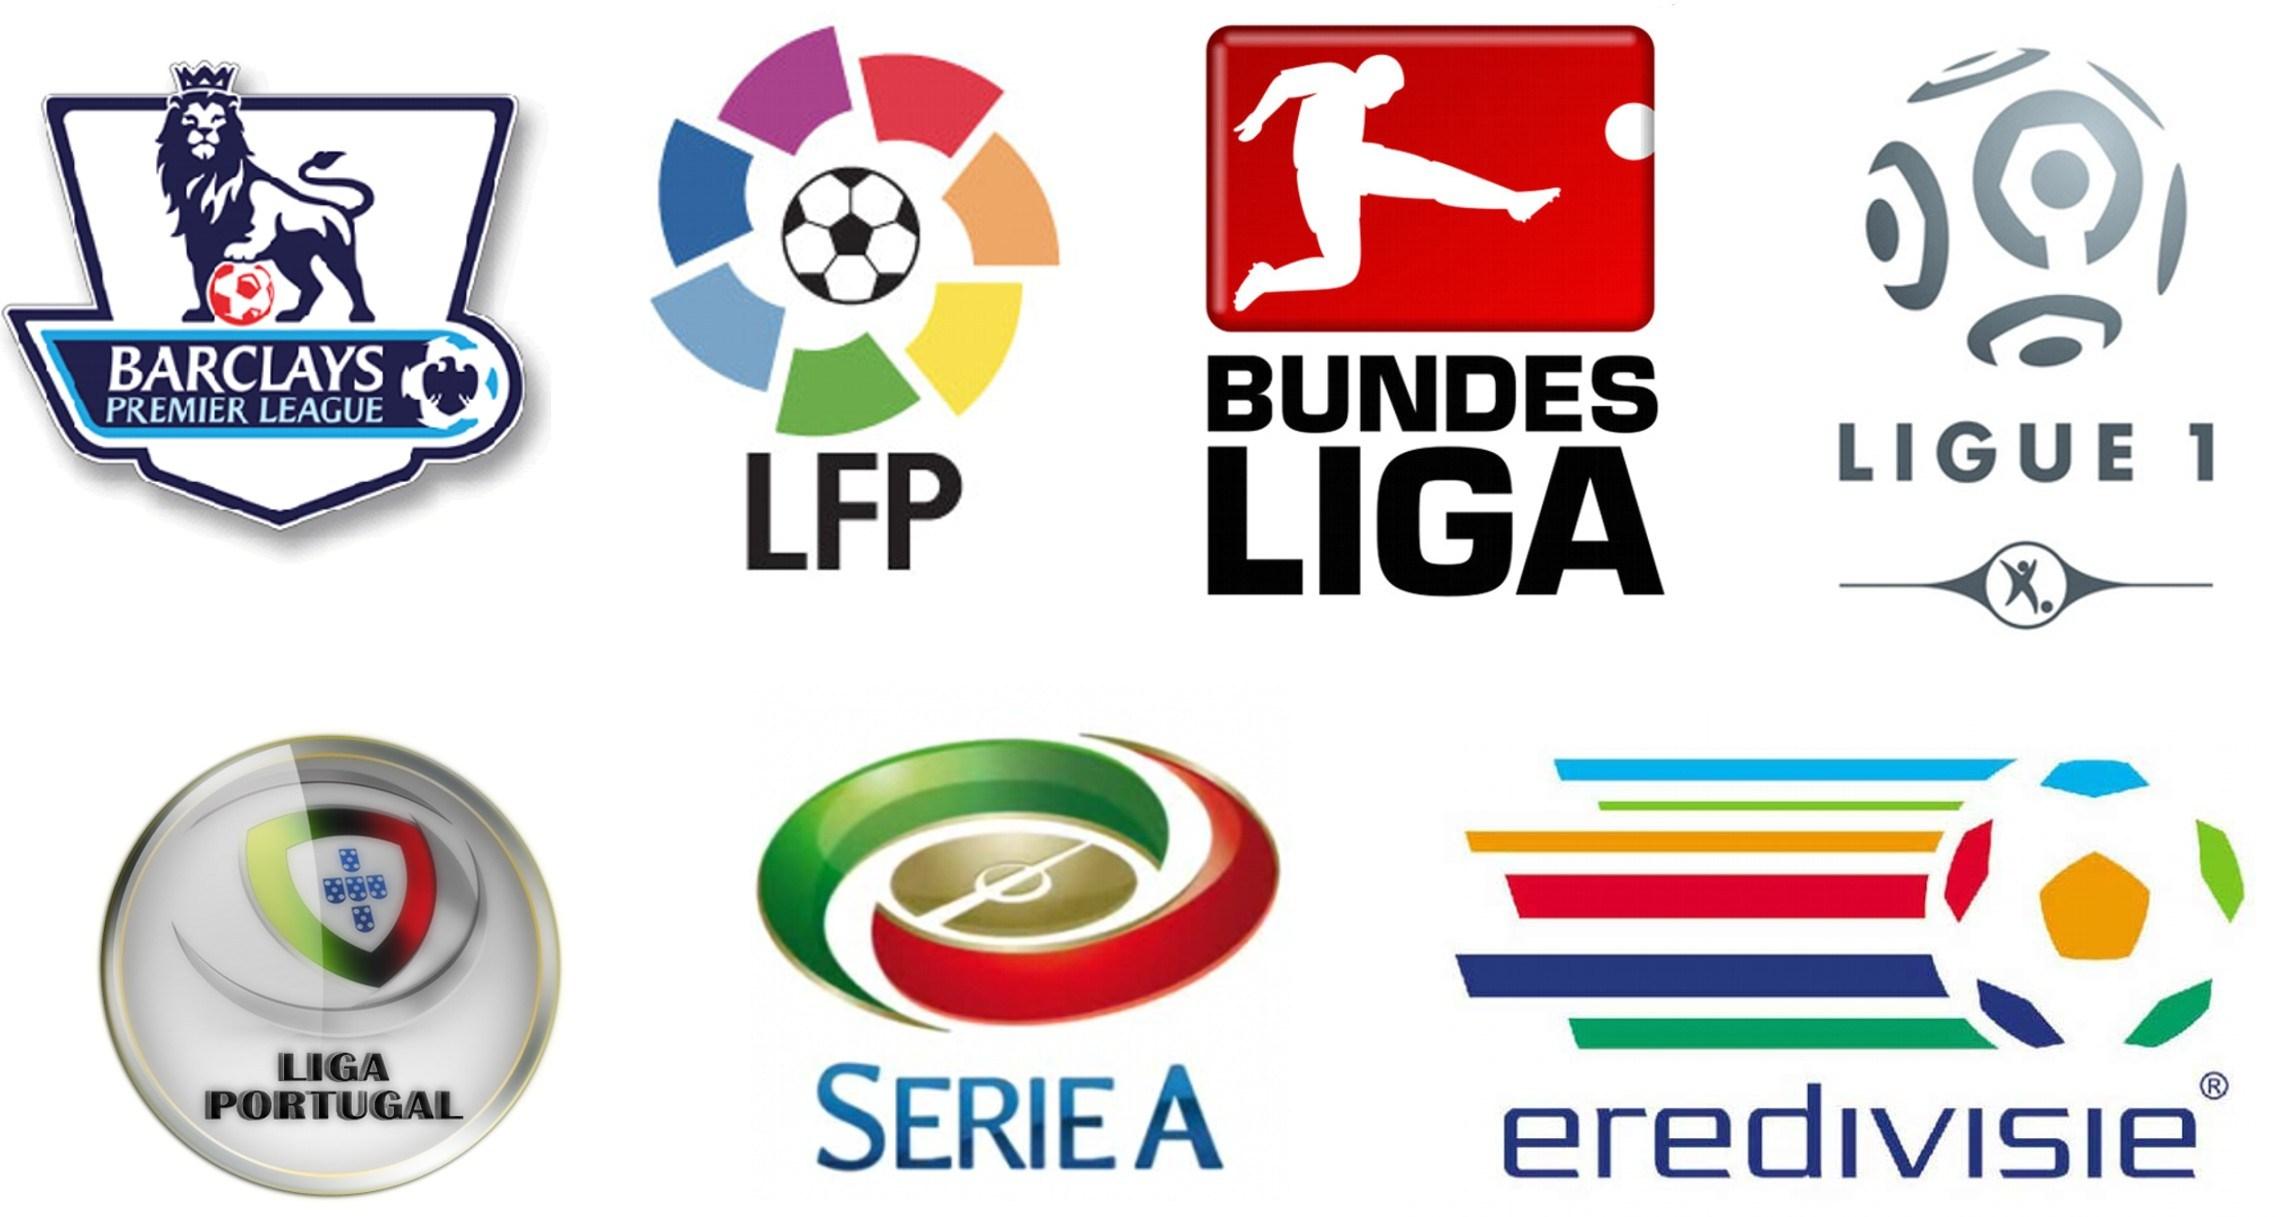 Το πανόραμα των ευρωπαϊκών πρωταθλημάτων